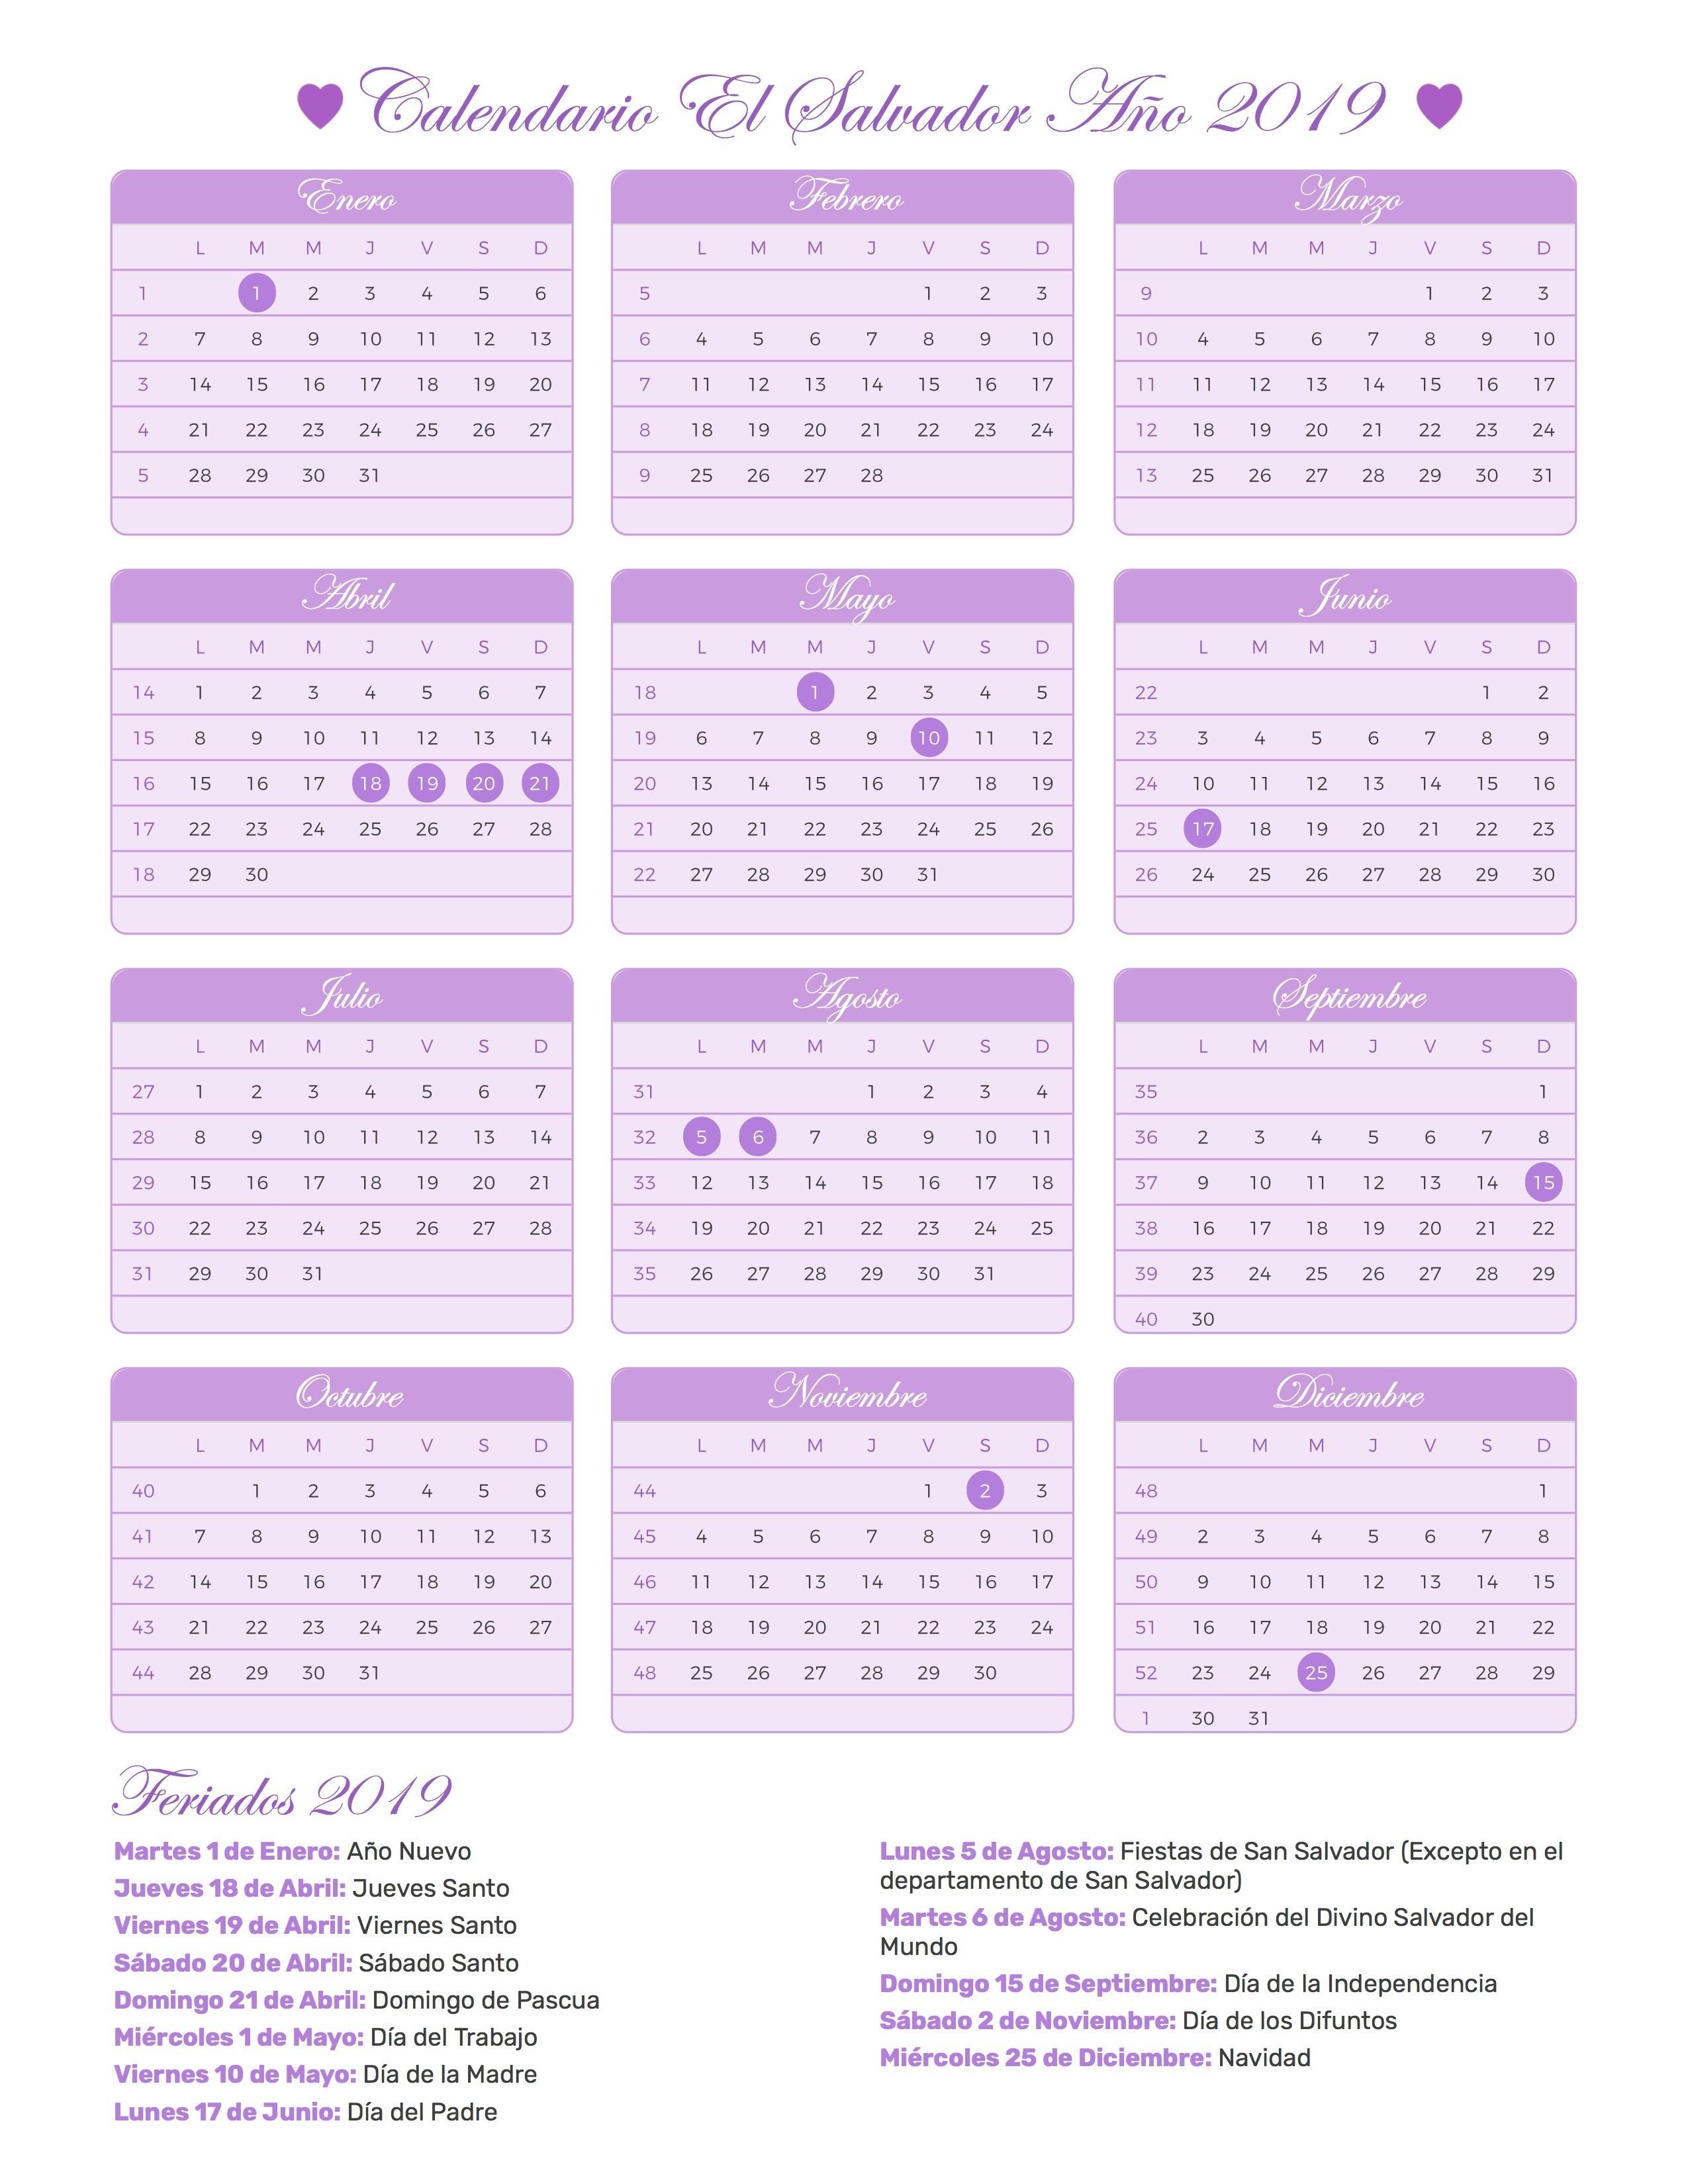 Imprimir Calendario 2019 Con Festivos Más Recientes Festivos 2019 Calendario Liturgico Catolico Of Imprimir Calendario 2019 Con Festivos Más Caliente Calendario 2017